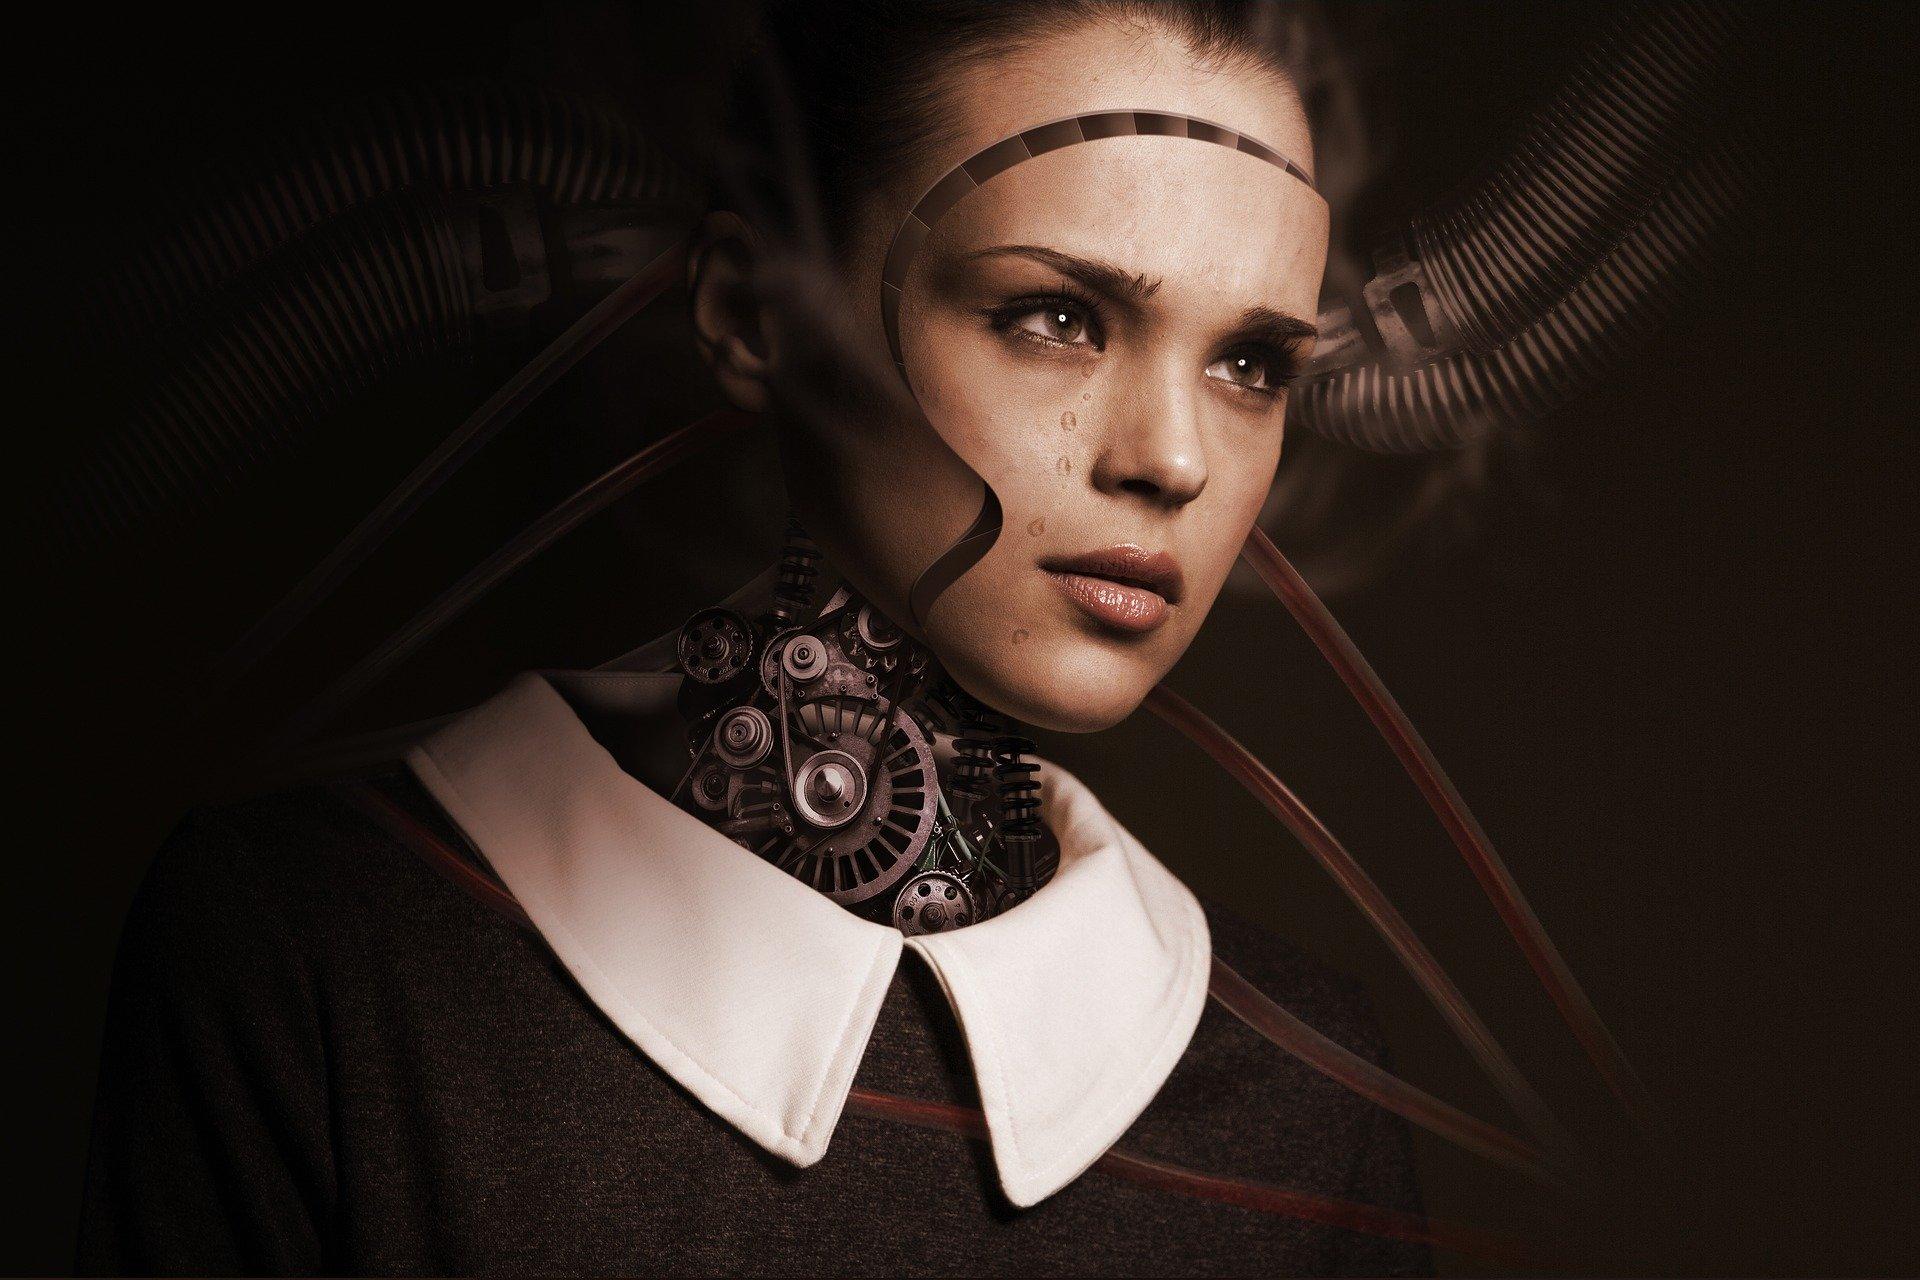 Sommes-nous vraiment déjà des cyborgs ?